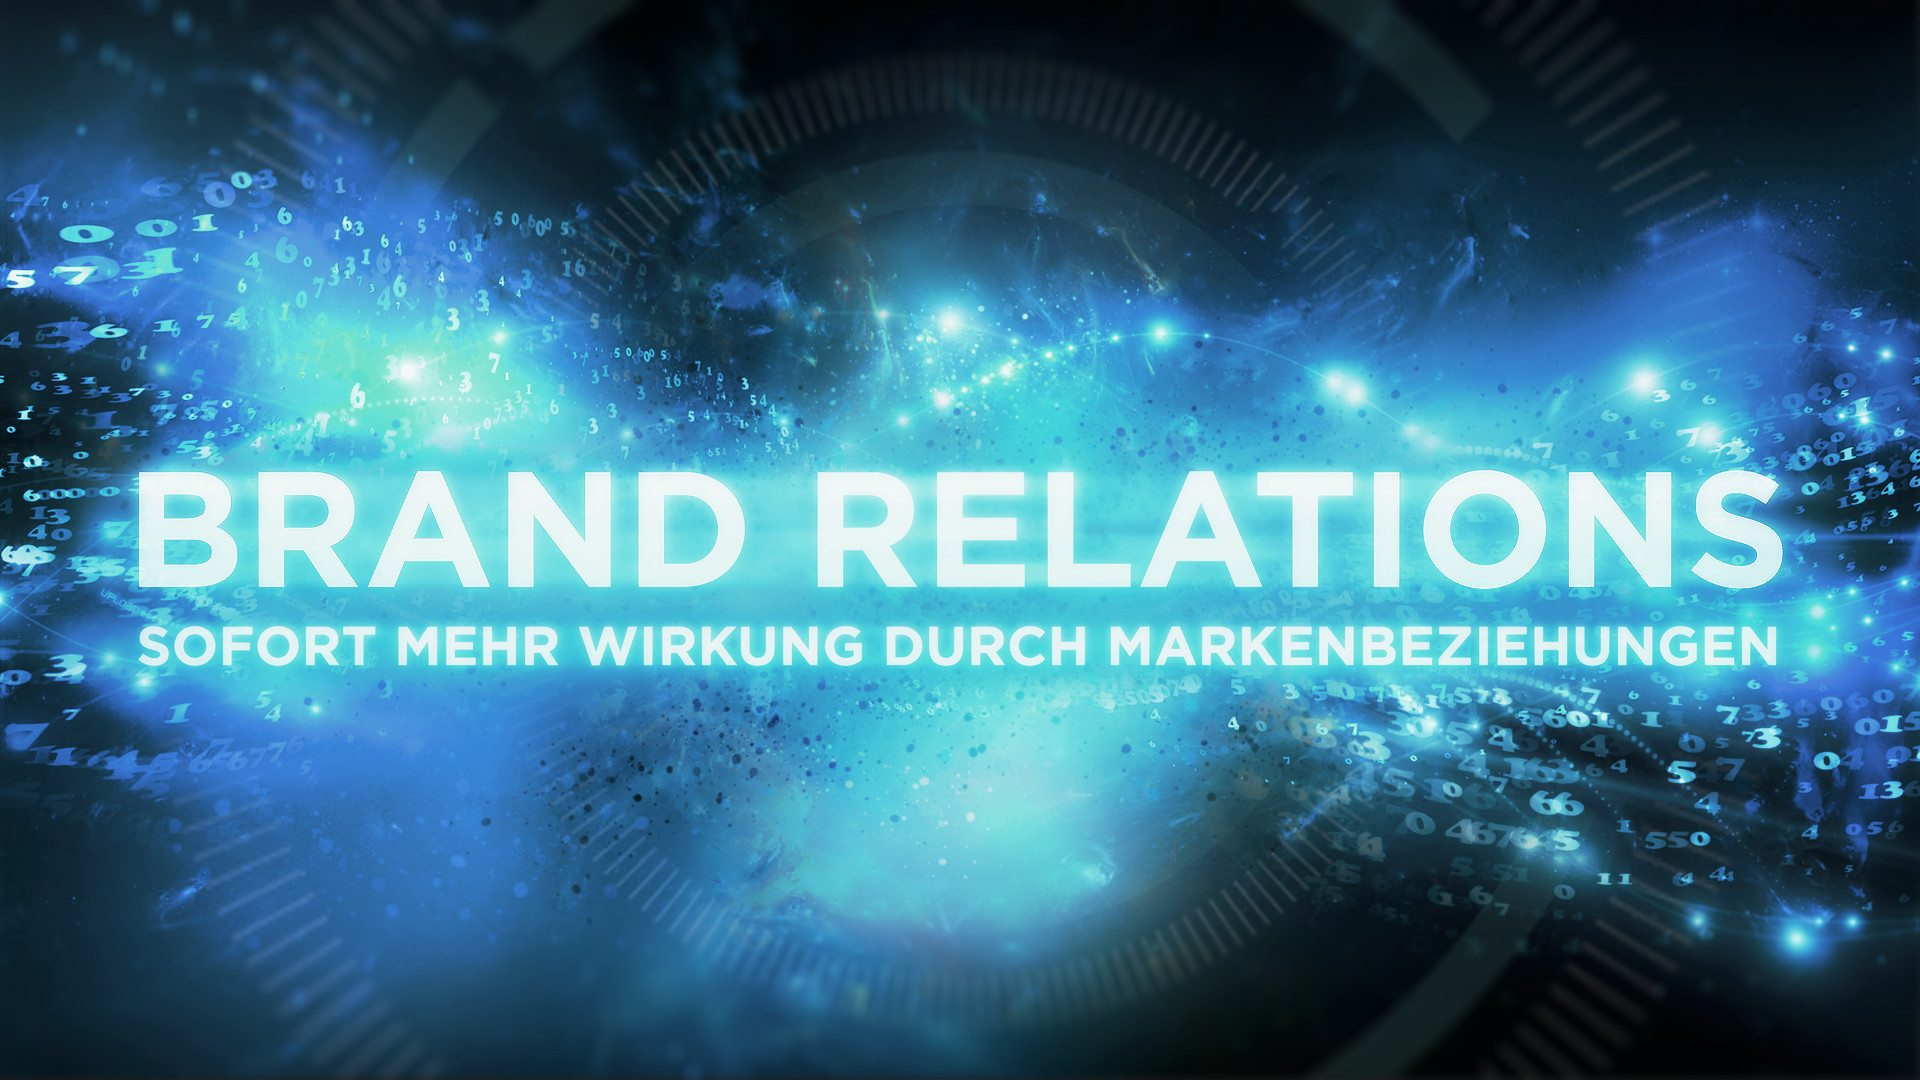 Brand Relations – Sofort mehr Wirkung durch Markenbeziehungen